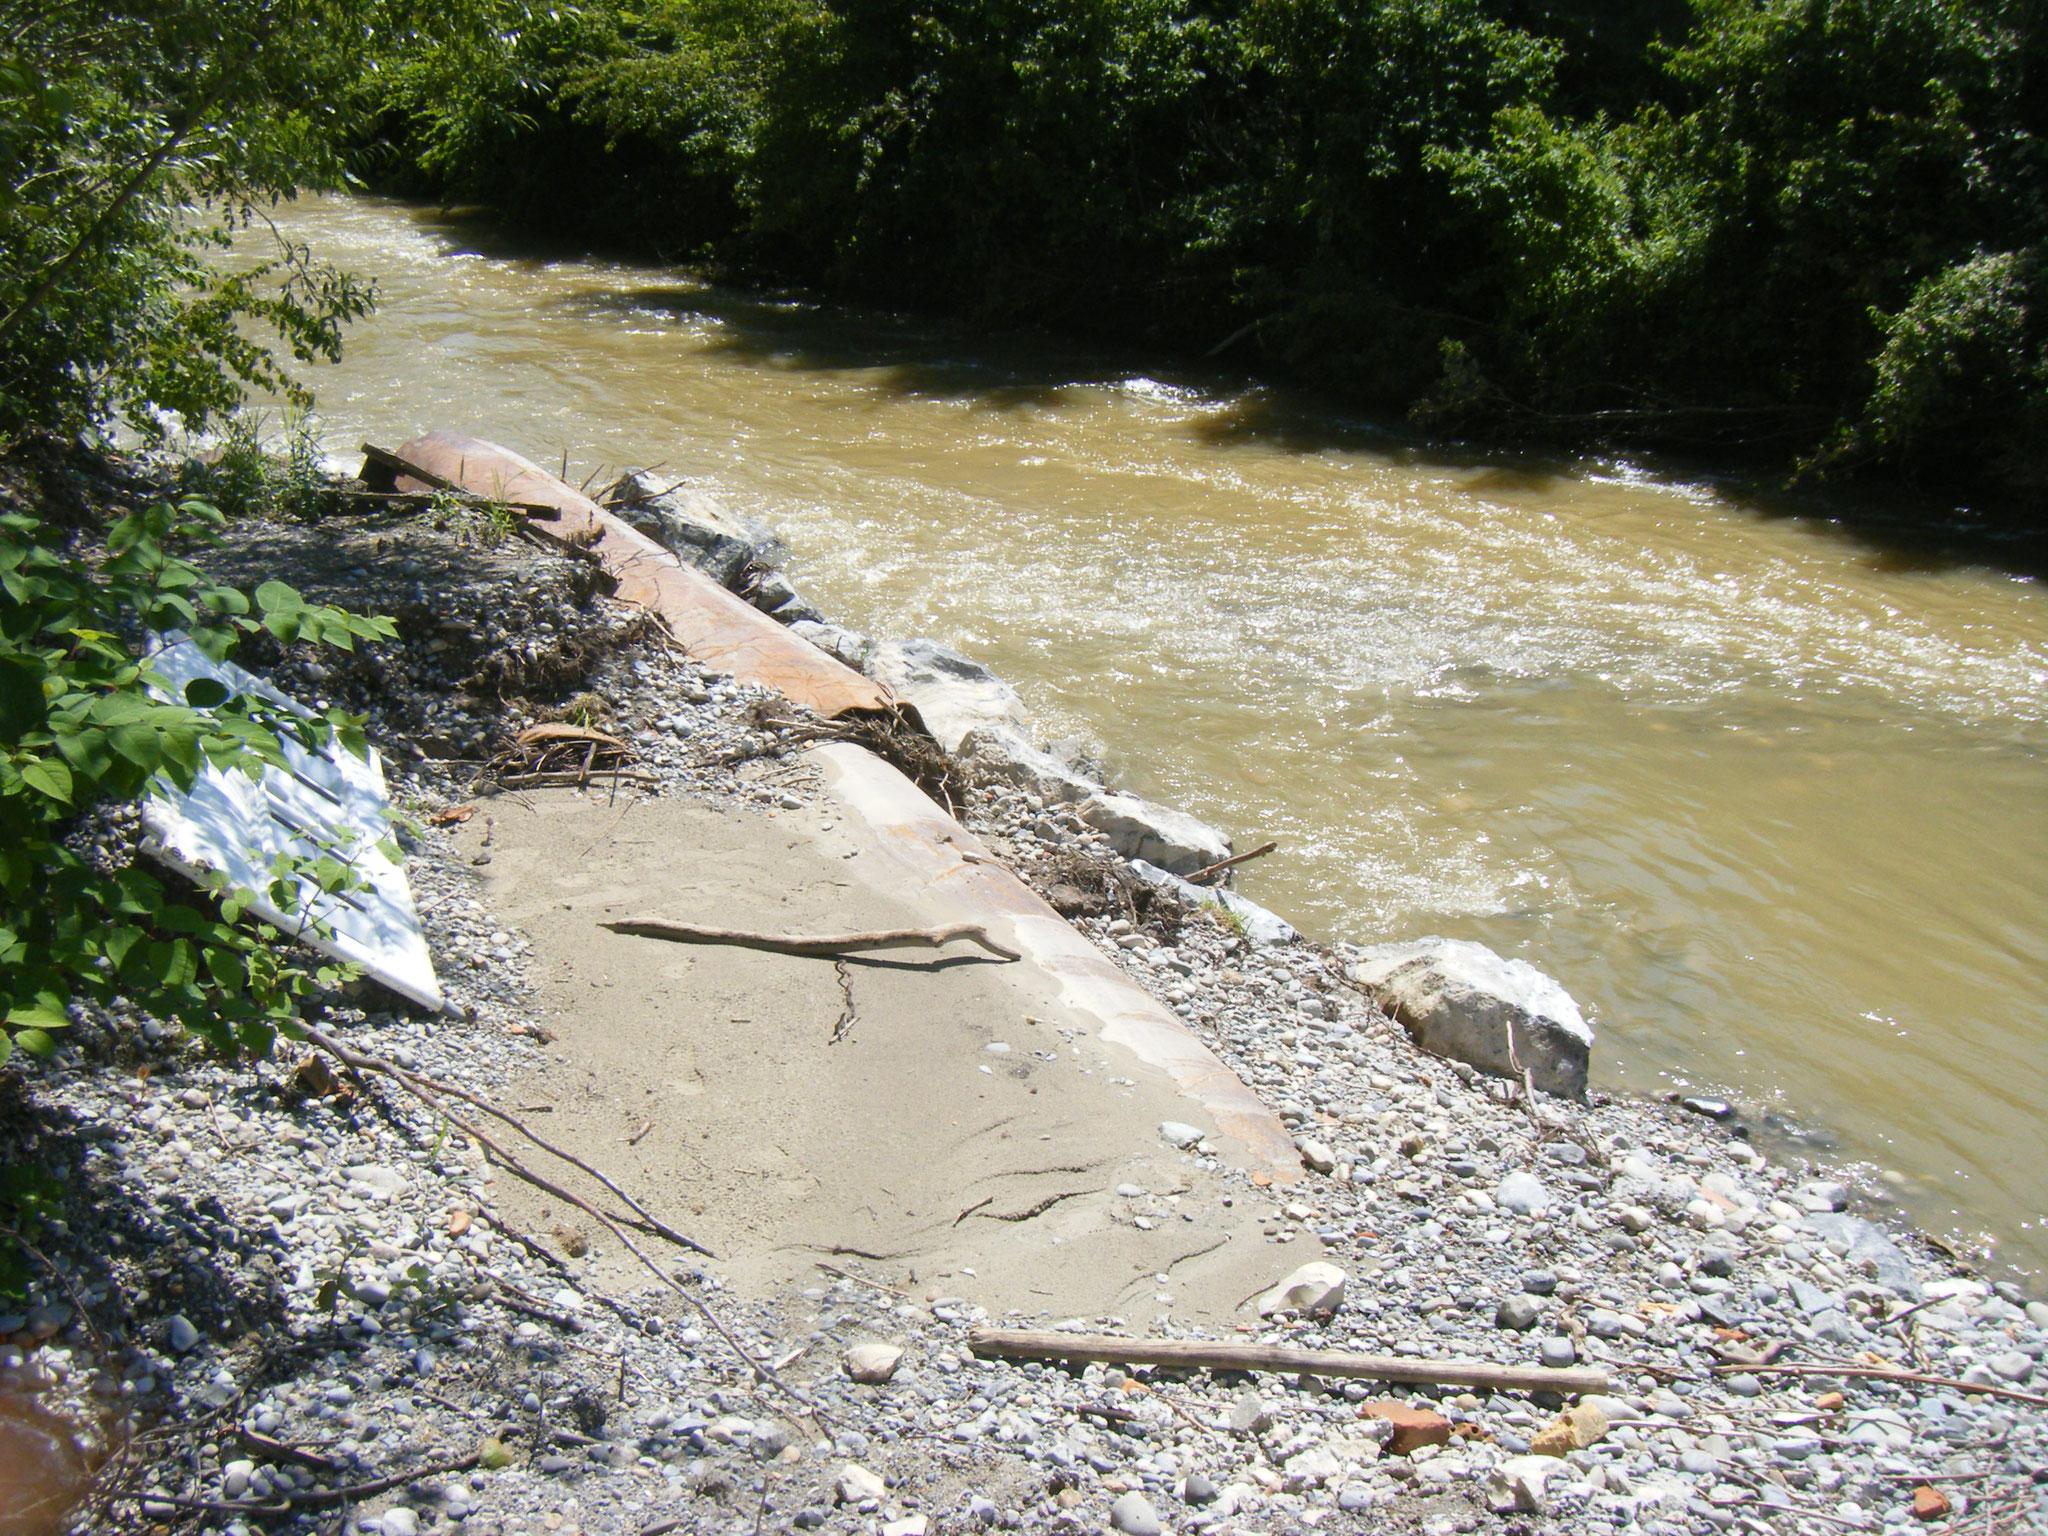 nachdem der Wasserstand weiter gefallen ist, sieht man die Abspülungen und das Treibgut, das die Rohre verstopft